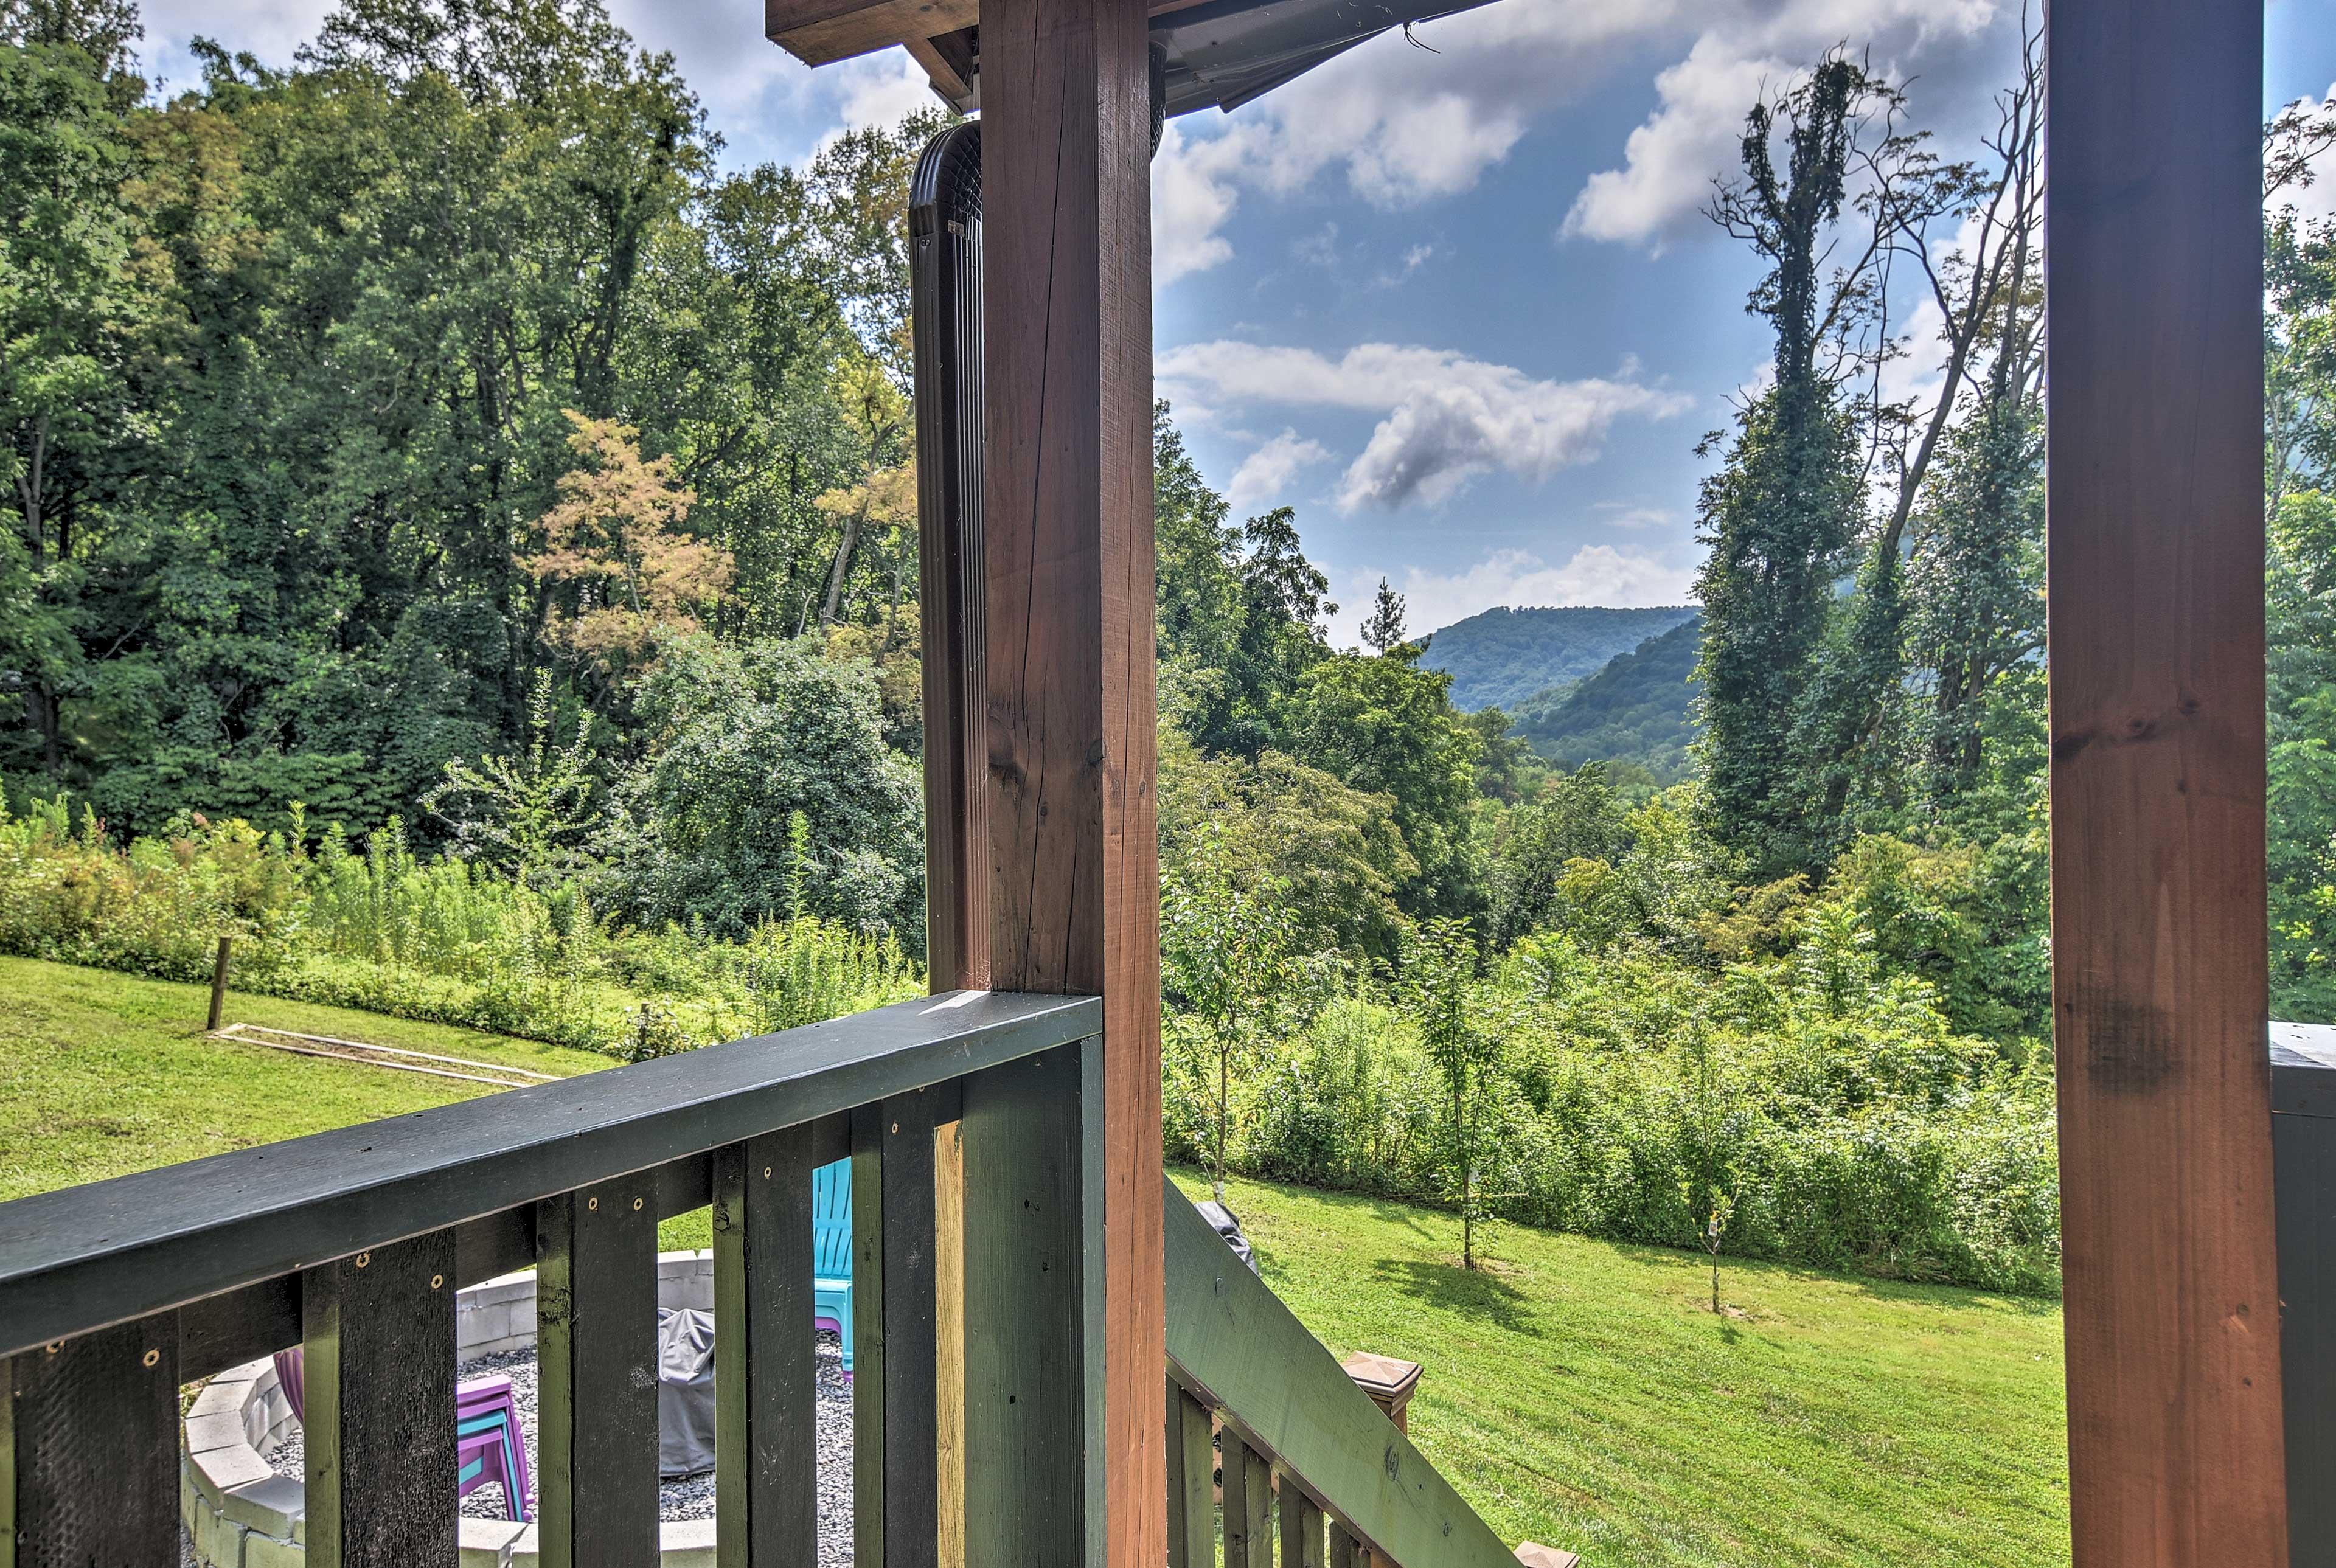 Get ready to explore the Blue Ridge Mountains!